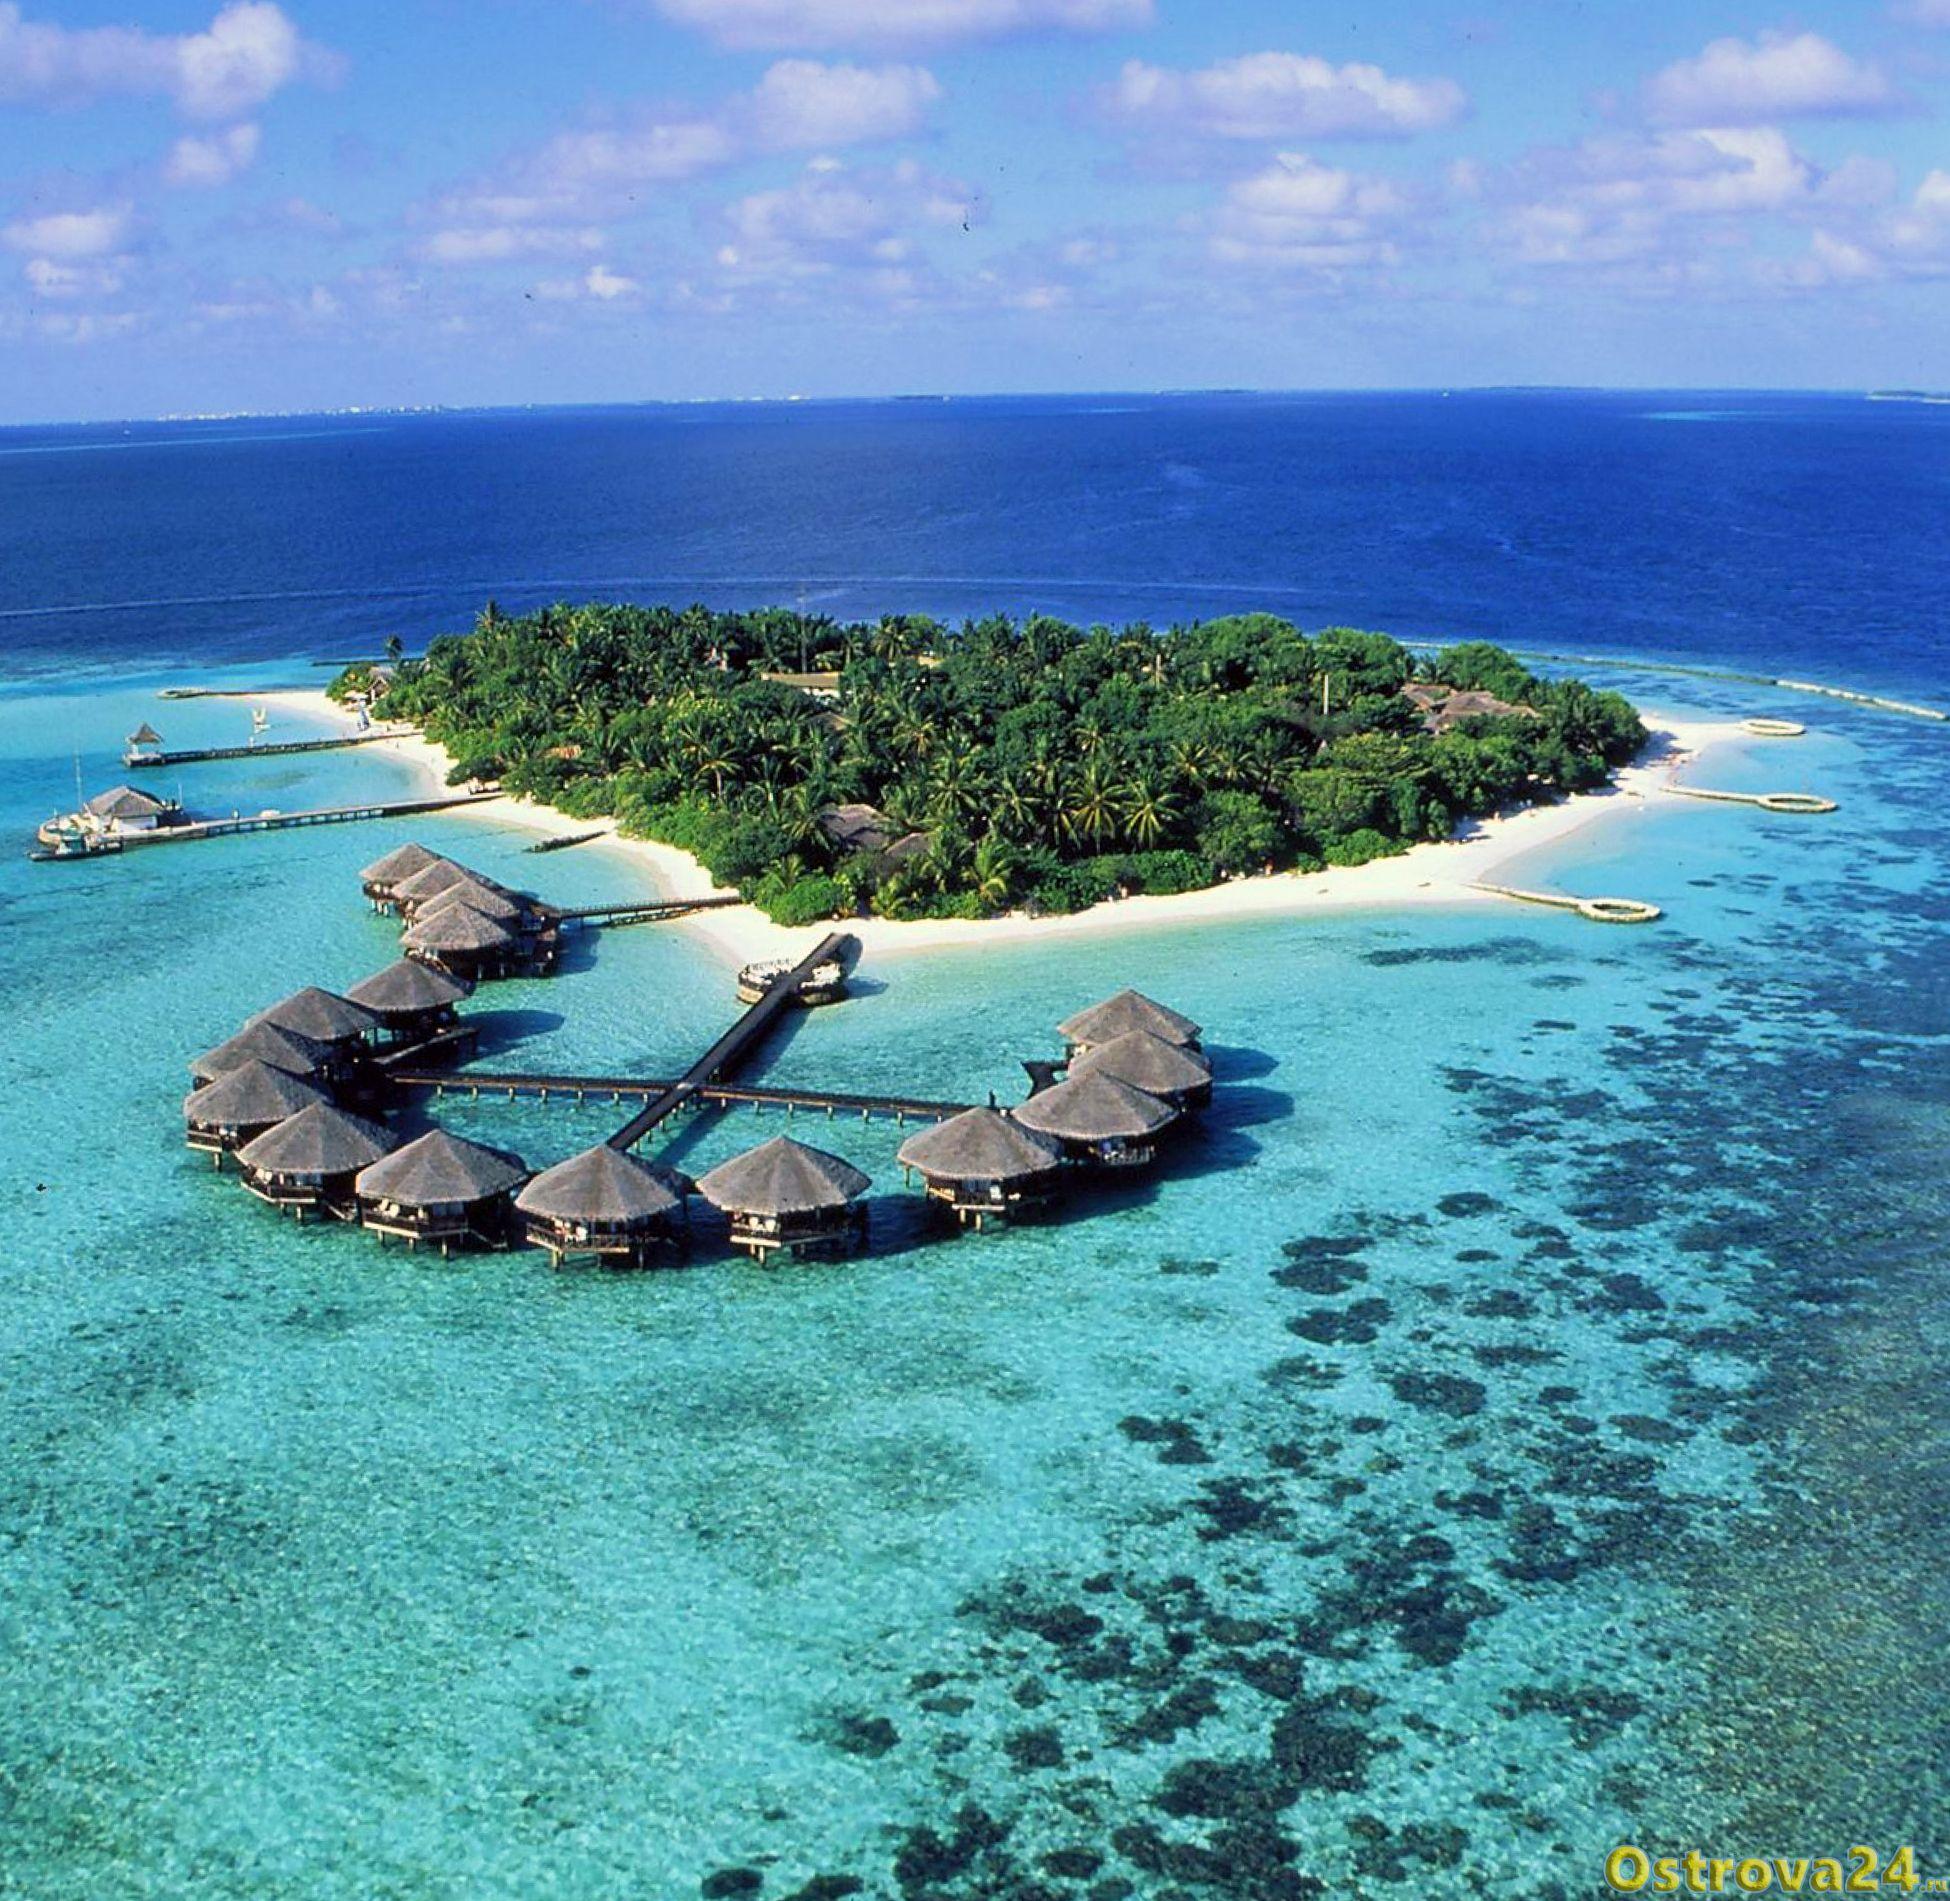 Мальдивы – самая низко расположенная над уровнем моря страна